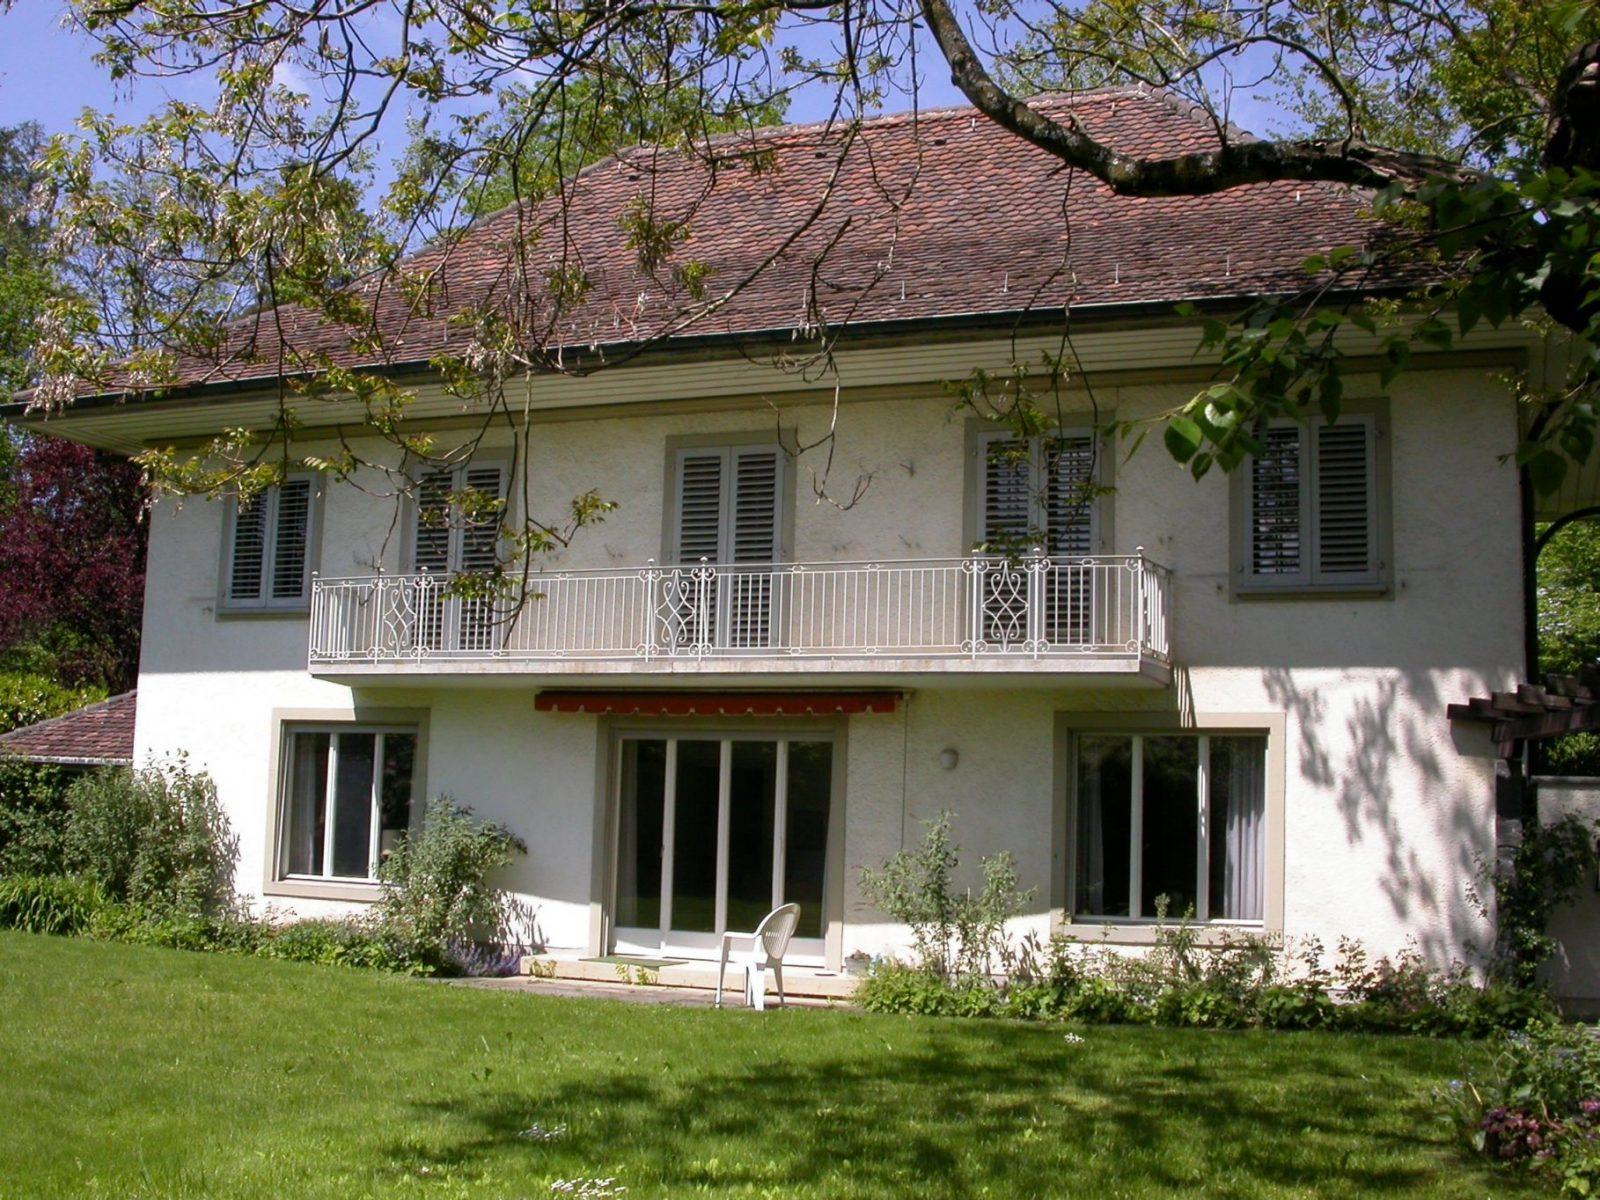 Modernes Haus Kaufen Schweiz  Ideen Für Jugendzimmer Mit von Haus Kaufen In Schweiz Photo